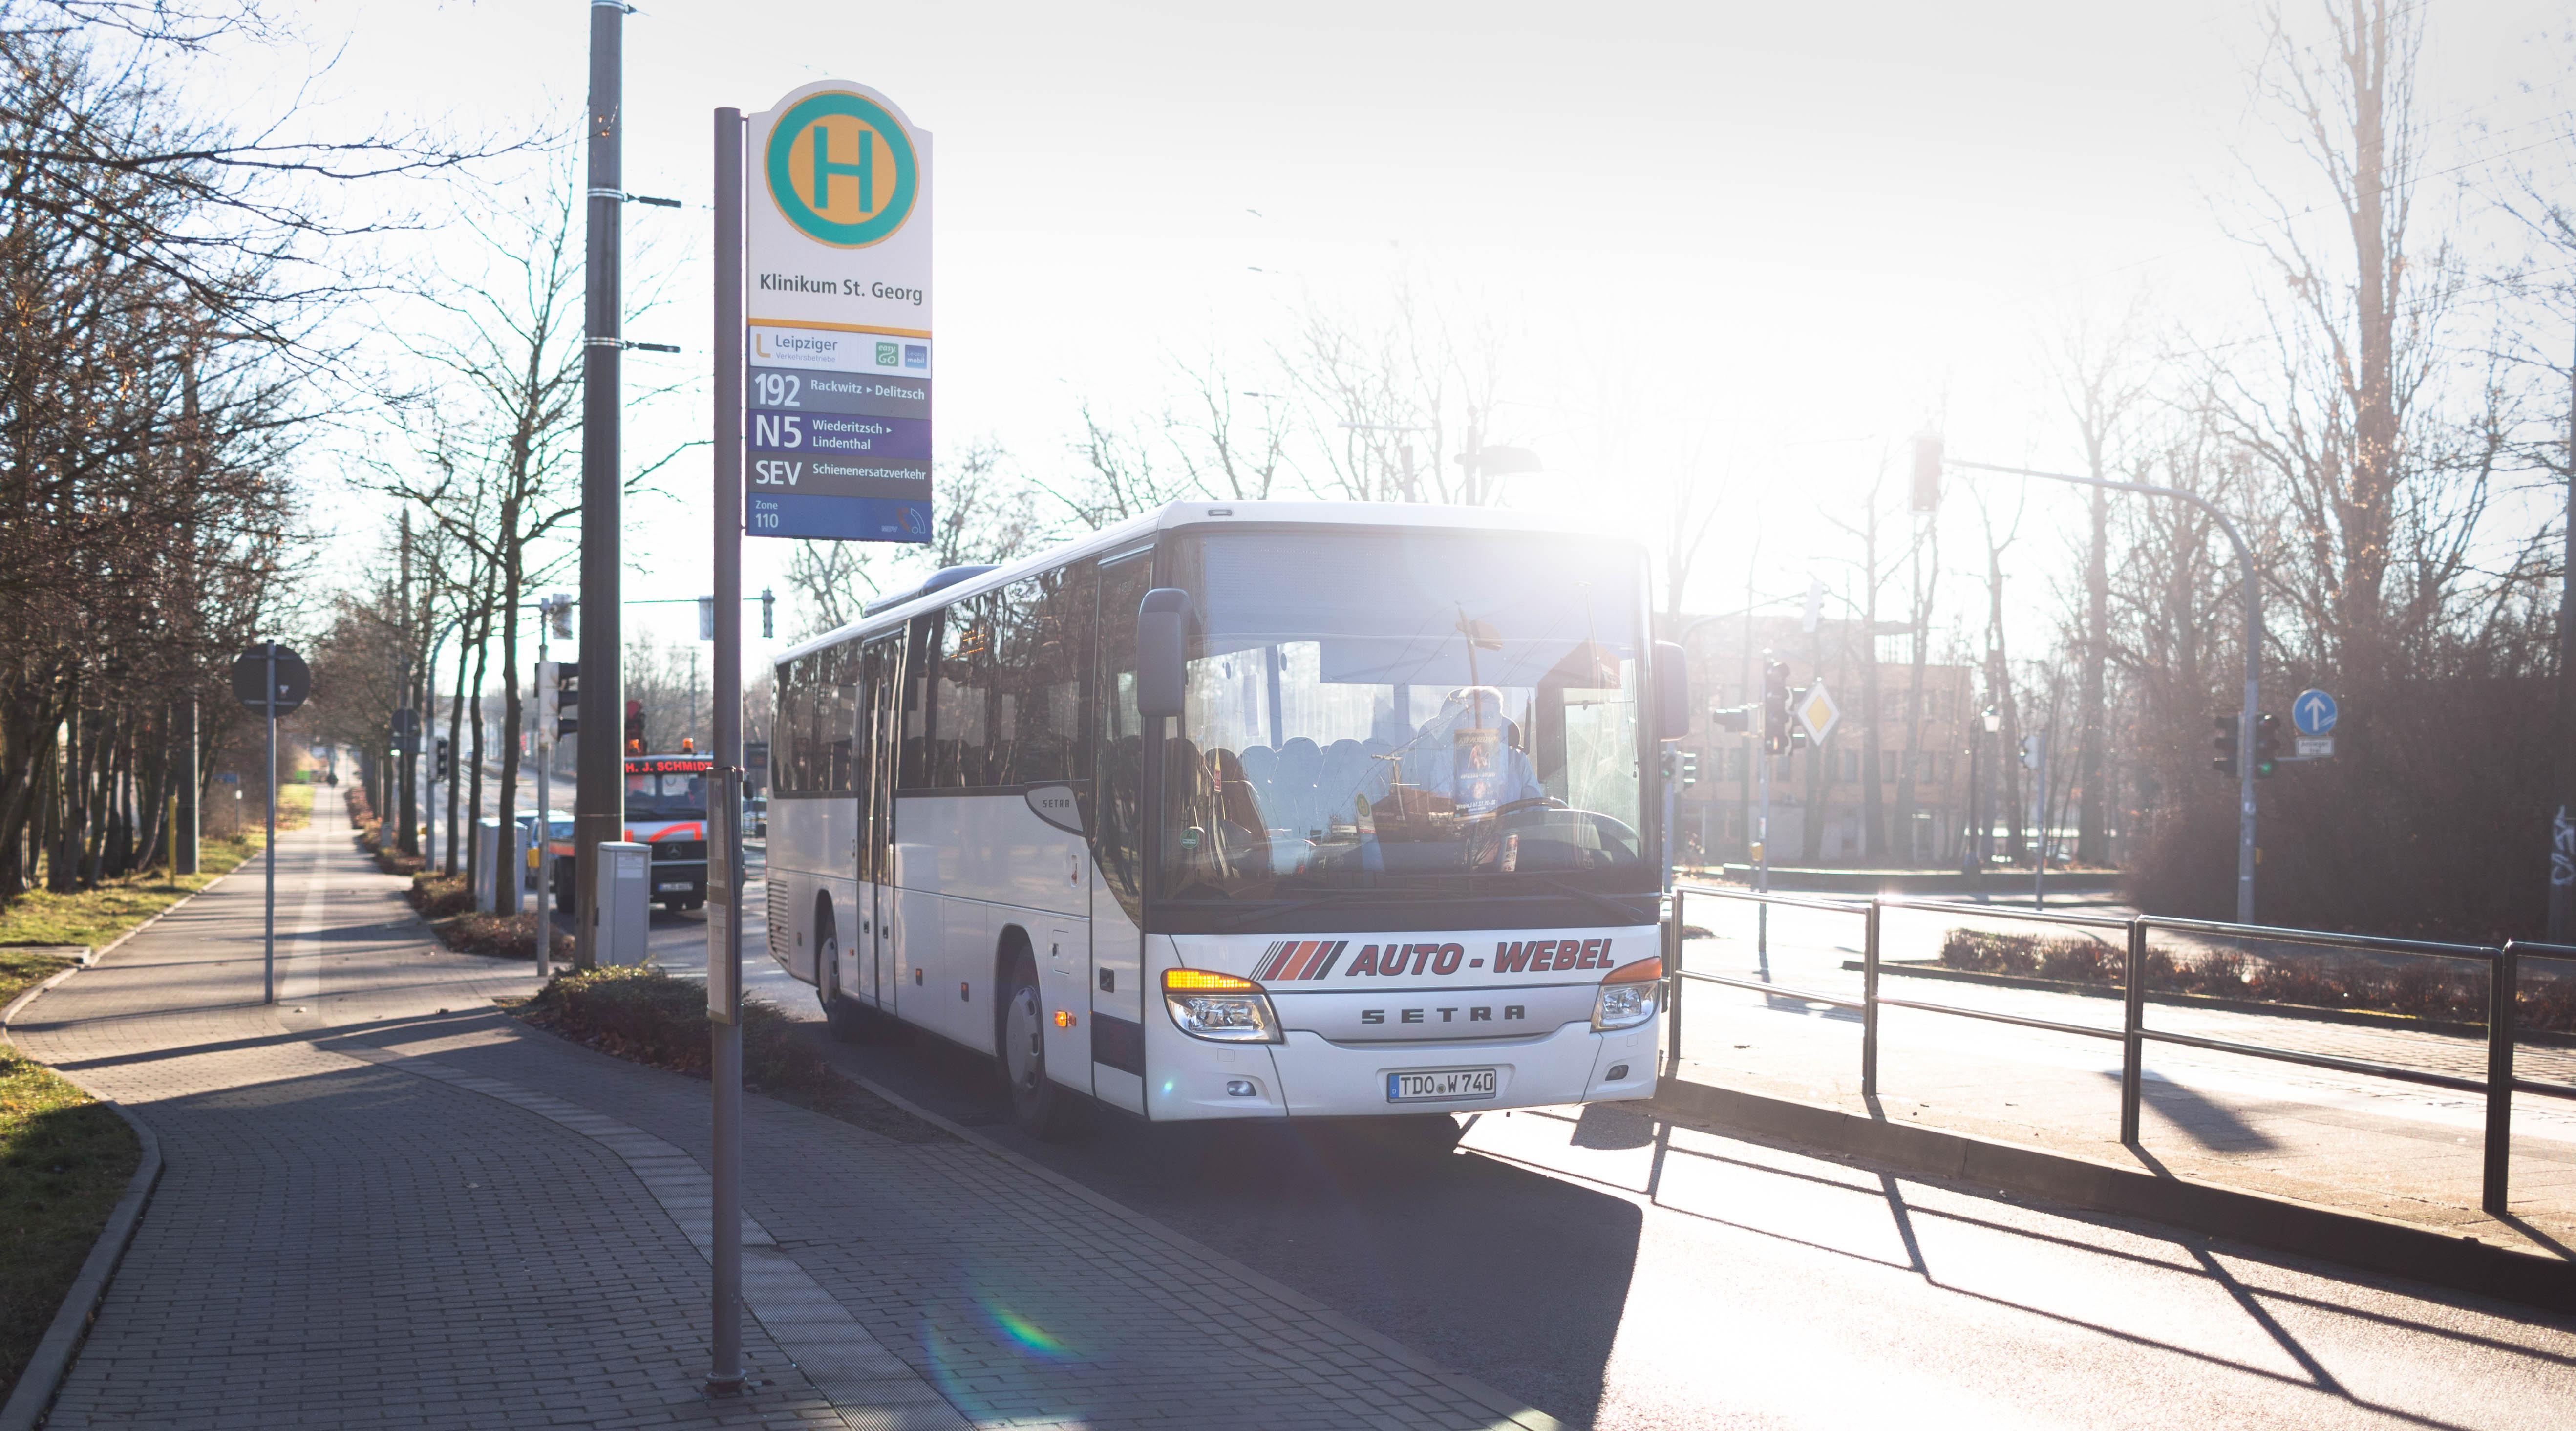 Mit Dem Bus Ins Krankenhaus St Georg In Leipzig Auto Webel Gmbh